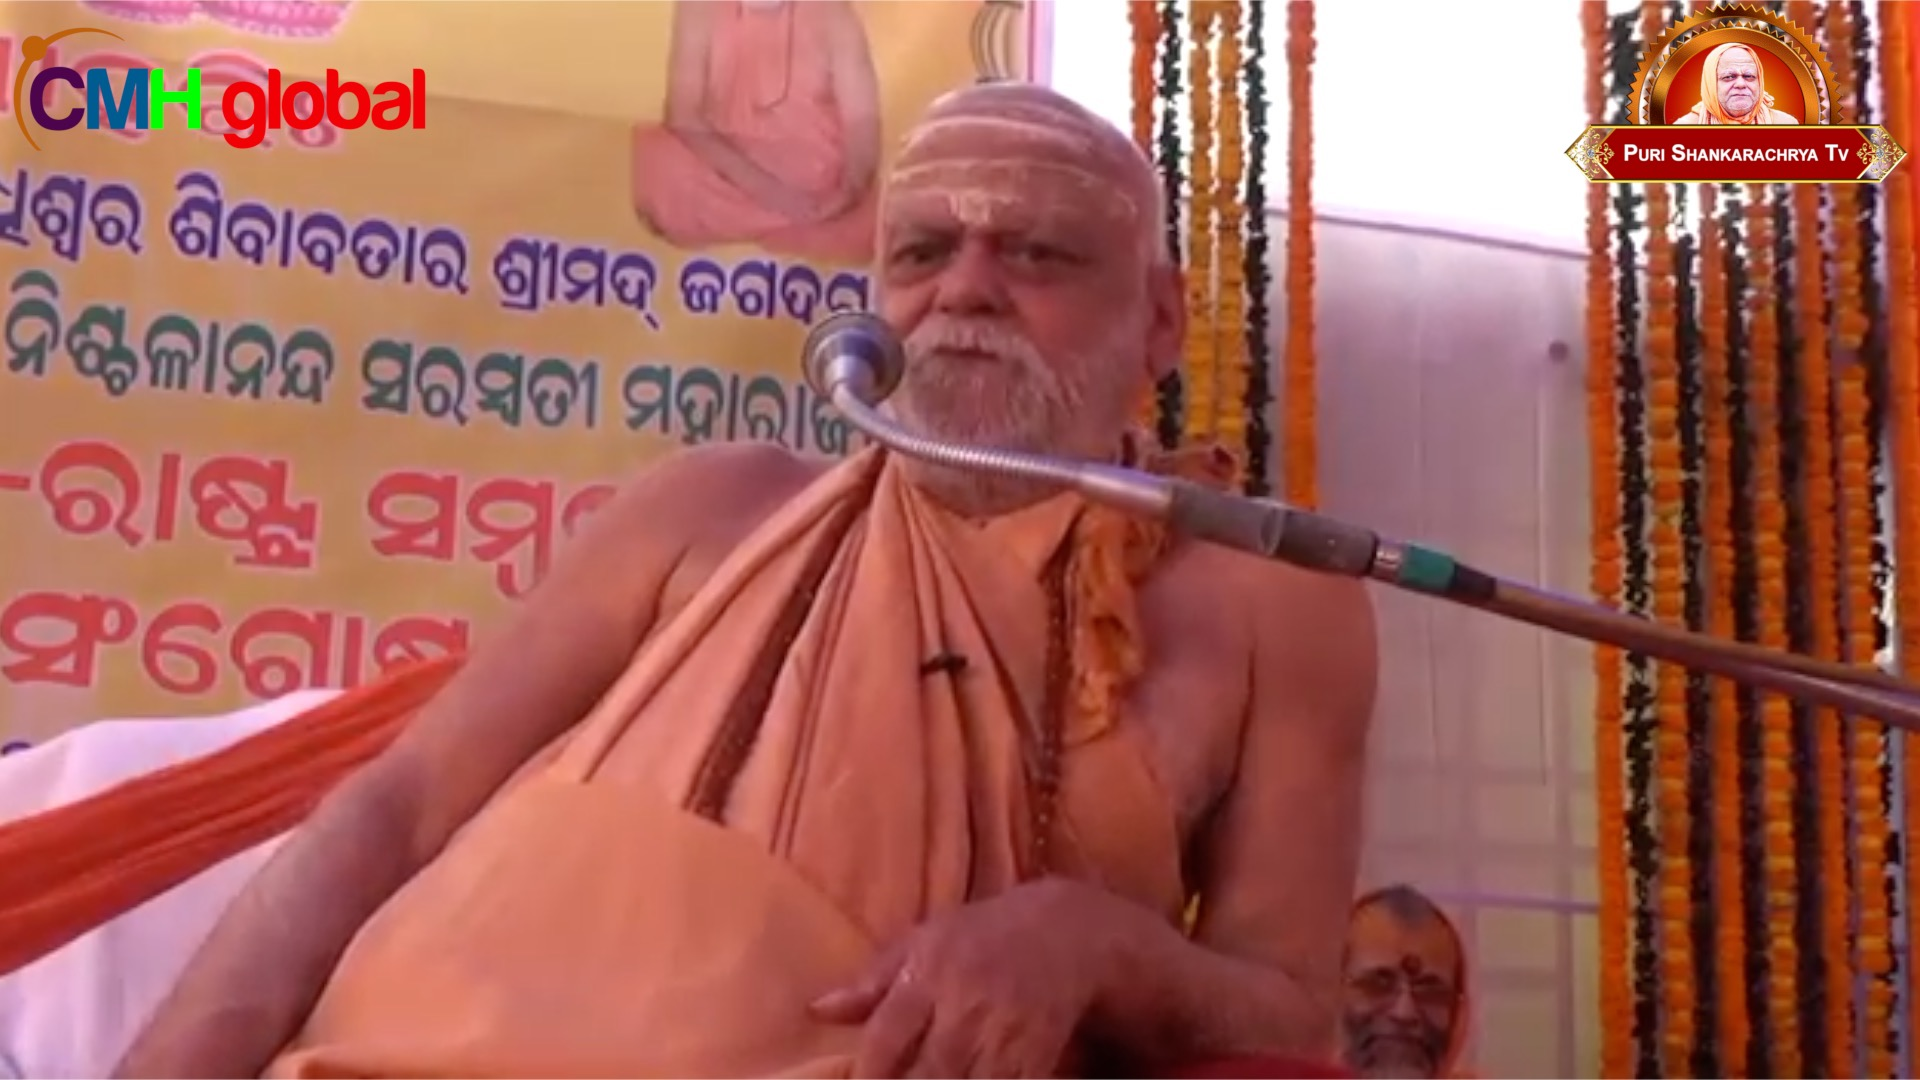 Gyan Dhara Ep -01 by Puri Shankaracharya Swami Nishchalananda Saraswati Ji